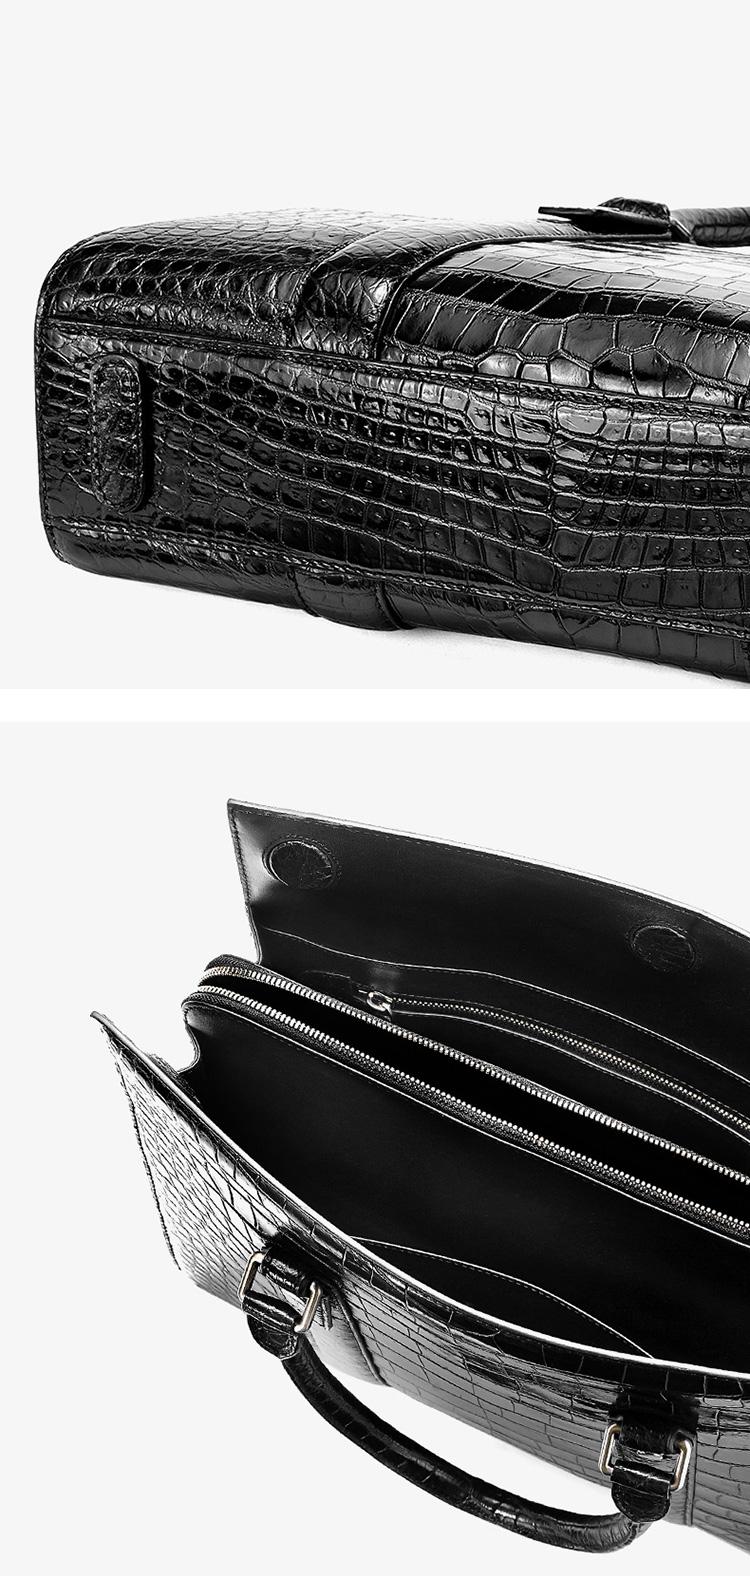 briefcase1 (7).jpg